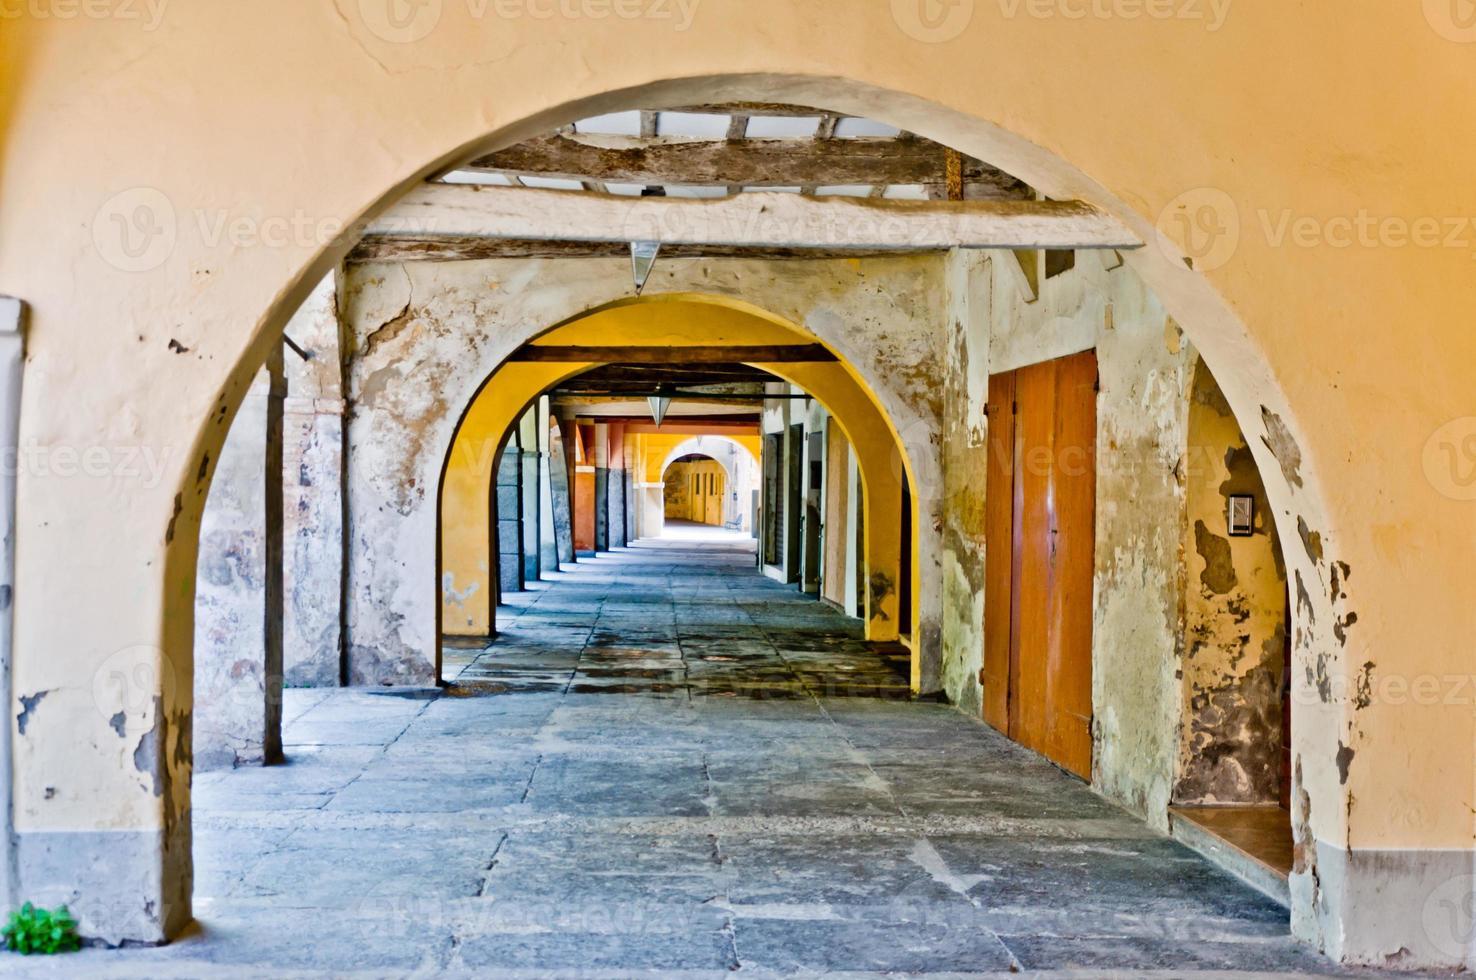 porche italien typique photo